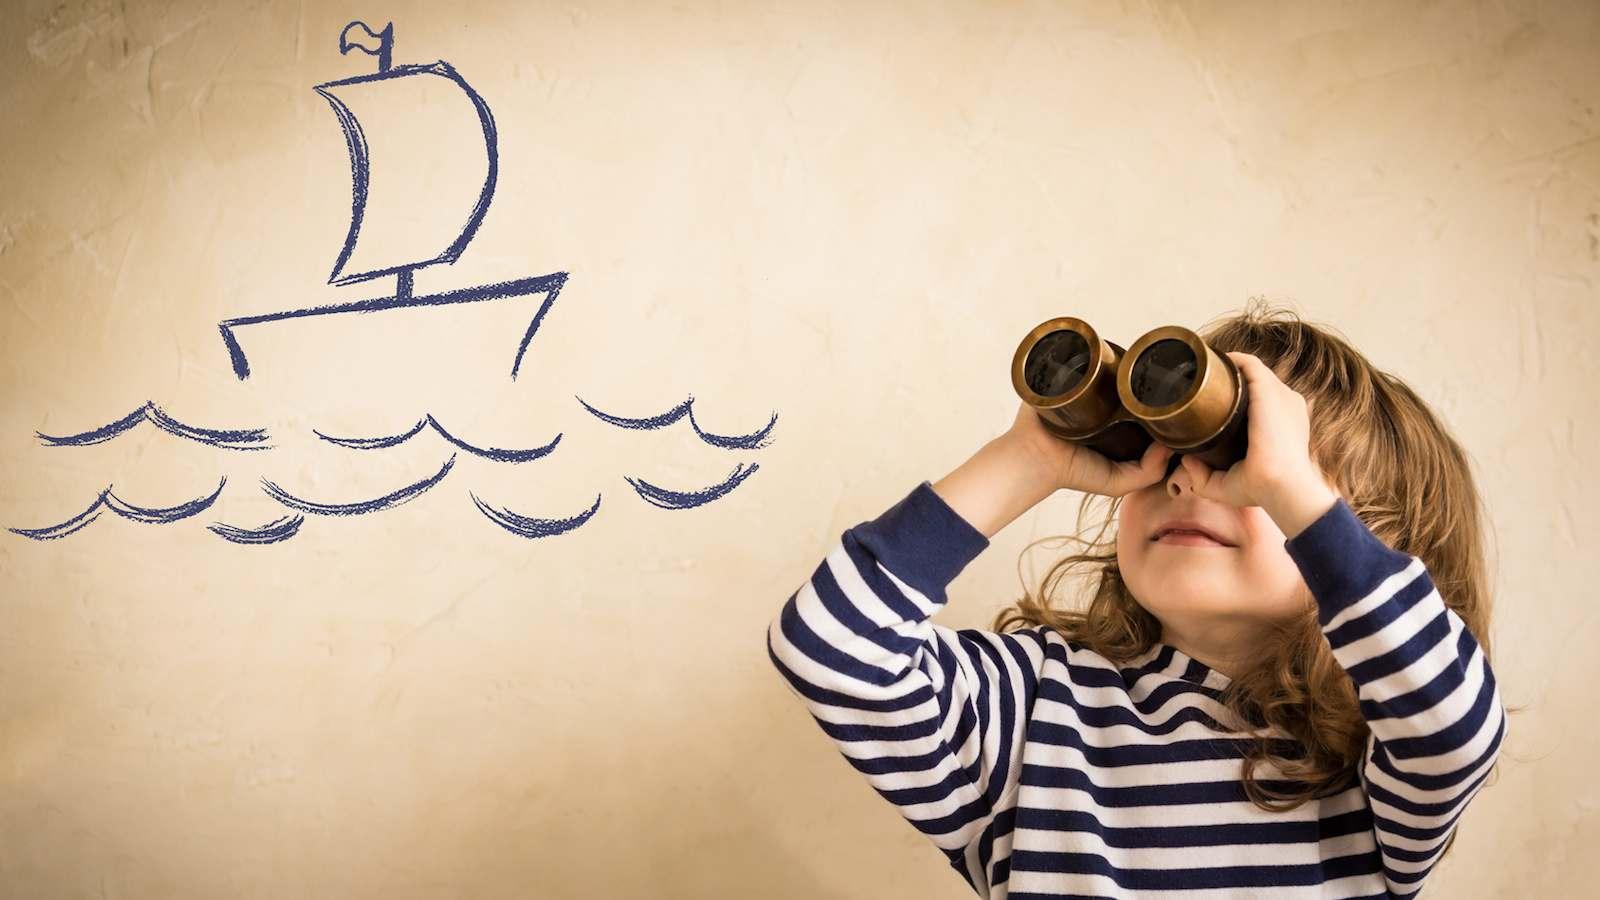 Die eigenen Lebensträume und Wünsche erkennen und verwirklichen ...